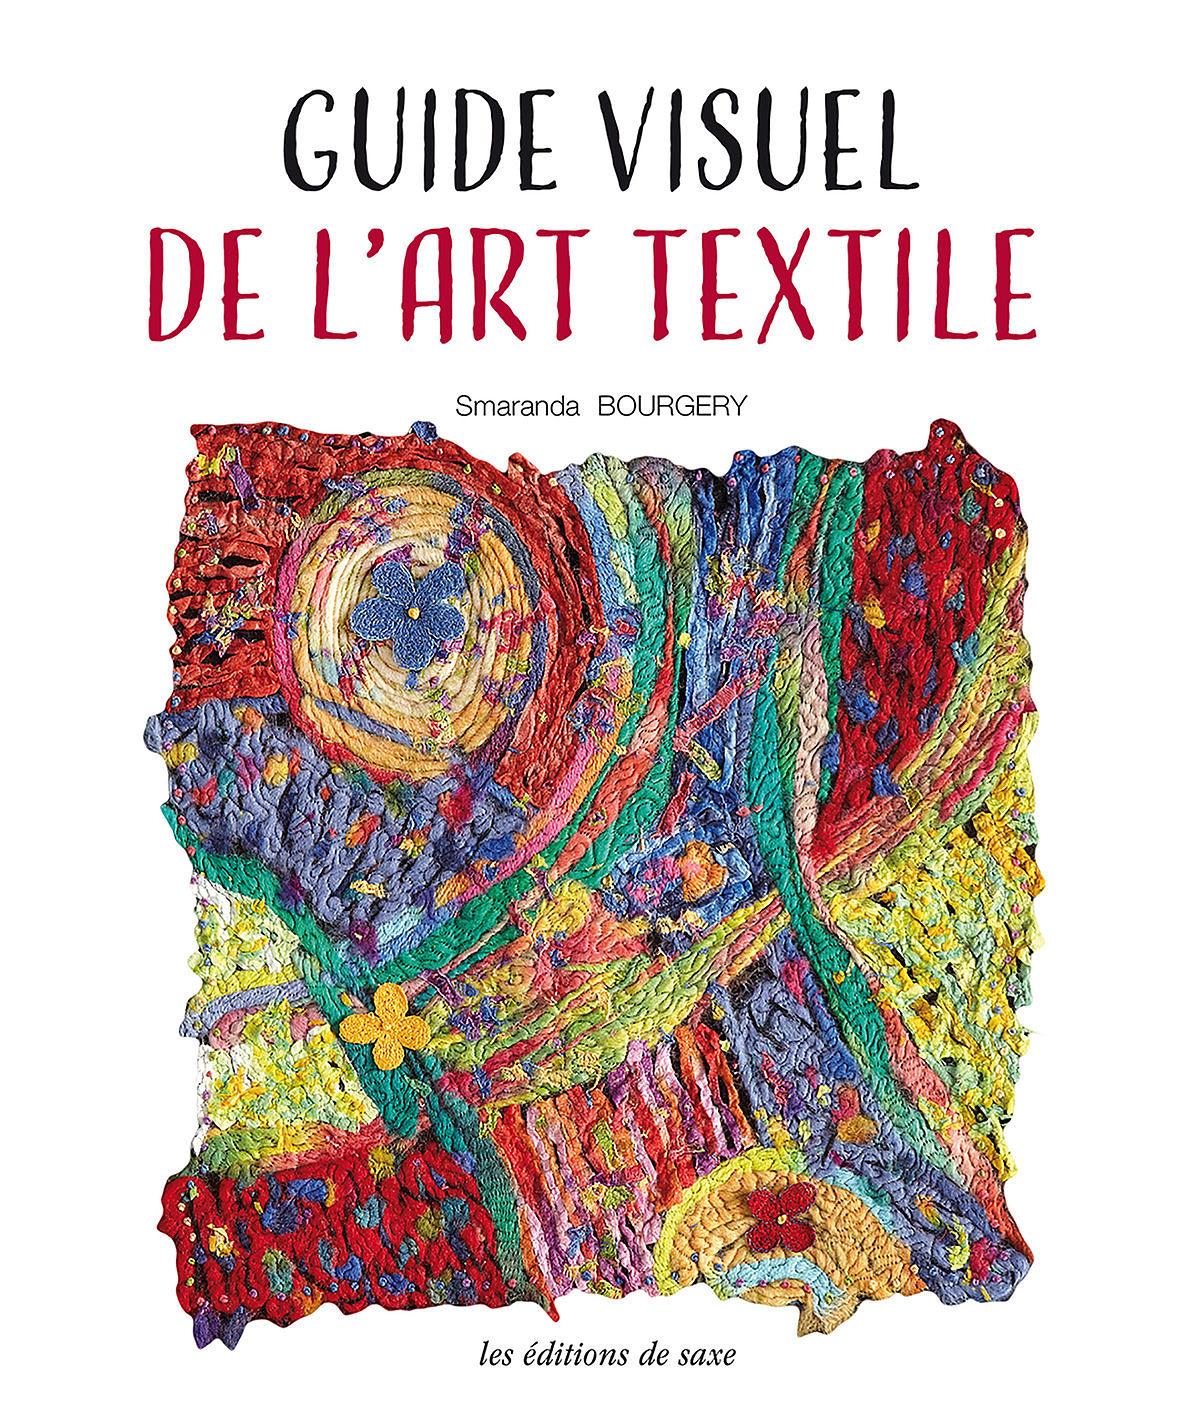 MLAB287_guide visuel de l'art textile de Smaranda Bourgery